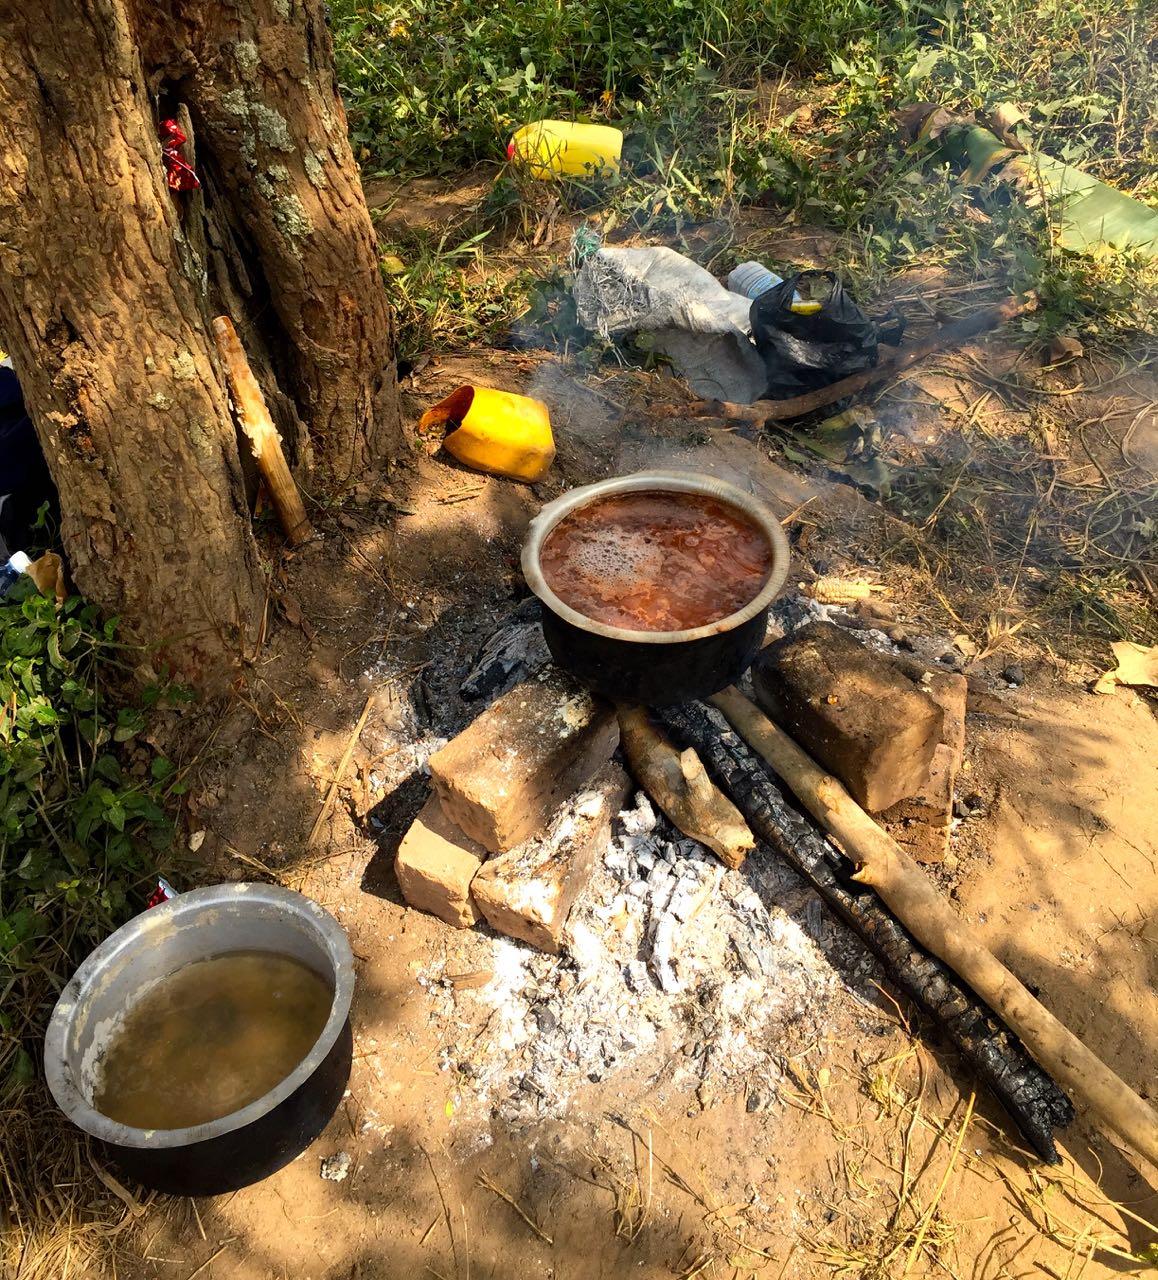 Kochen-ueber-Feuer-Uganda-Uganda